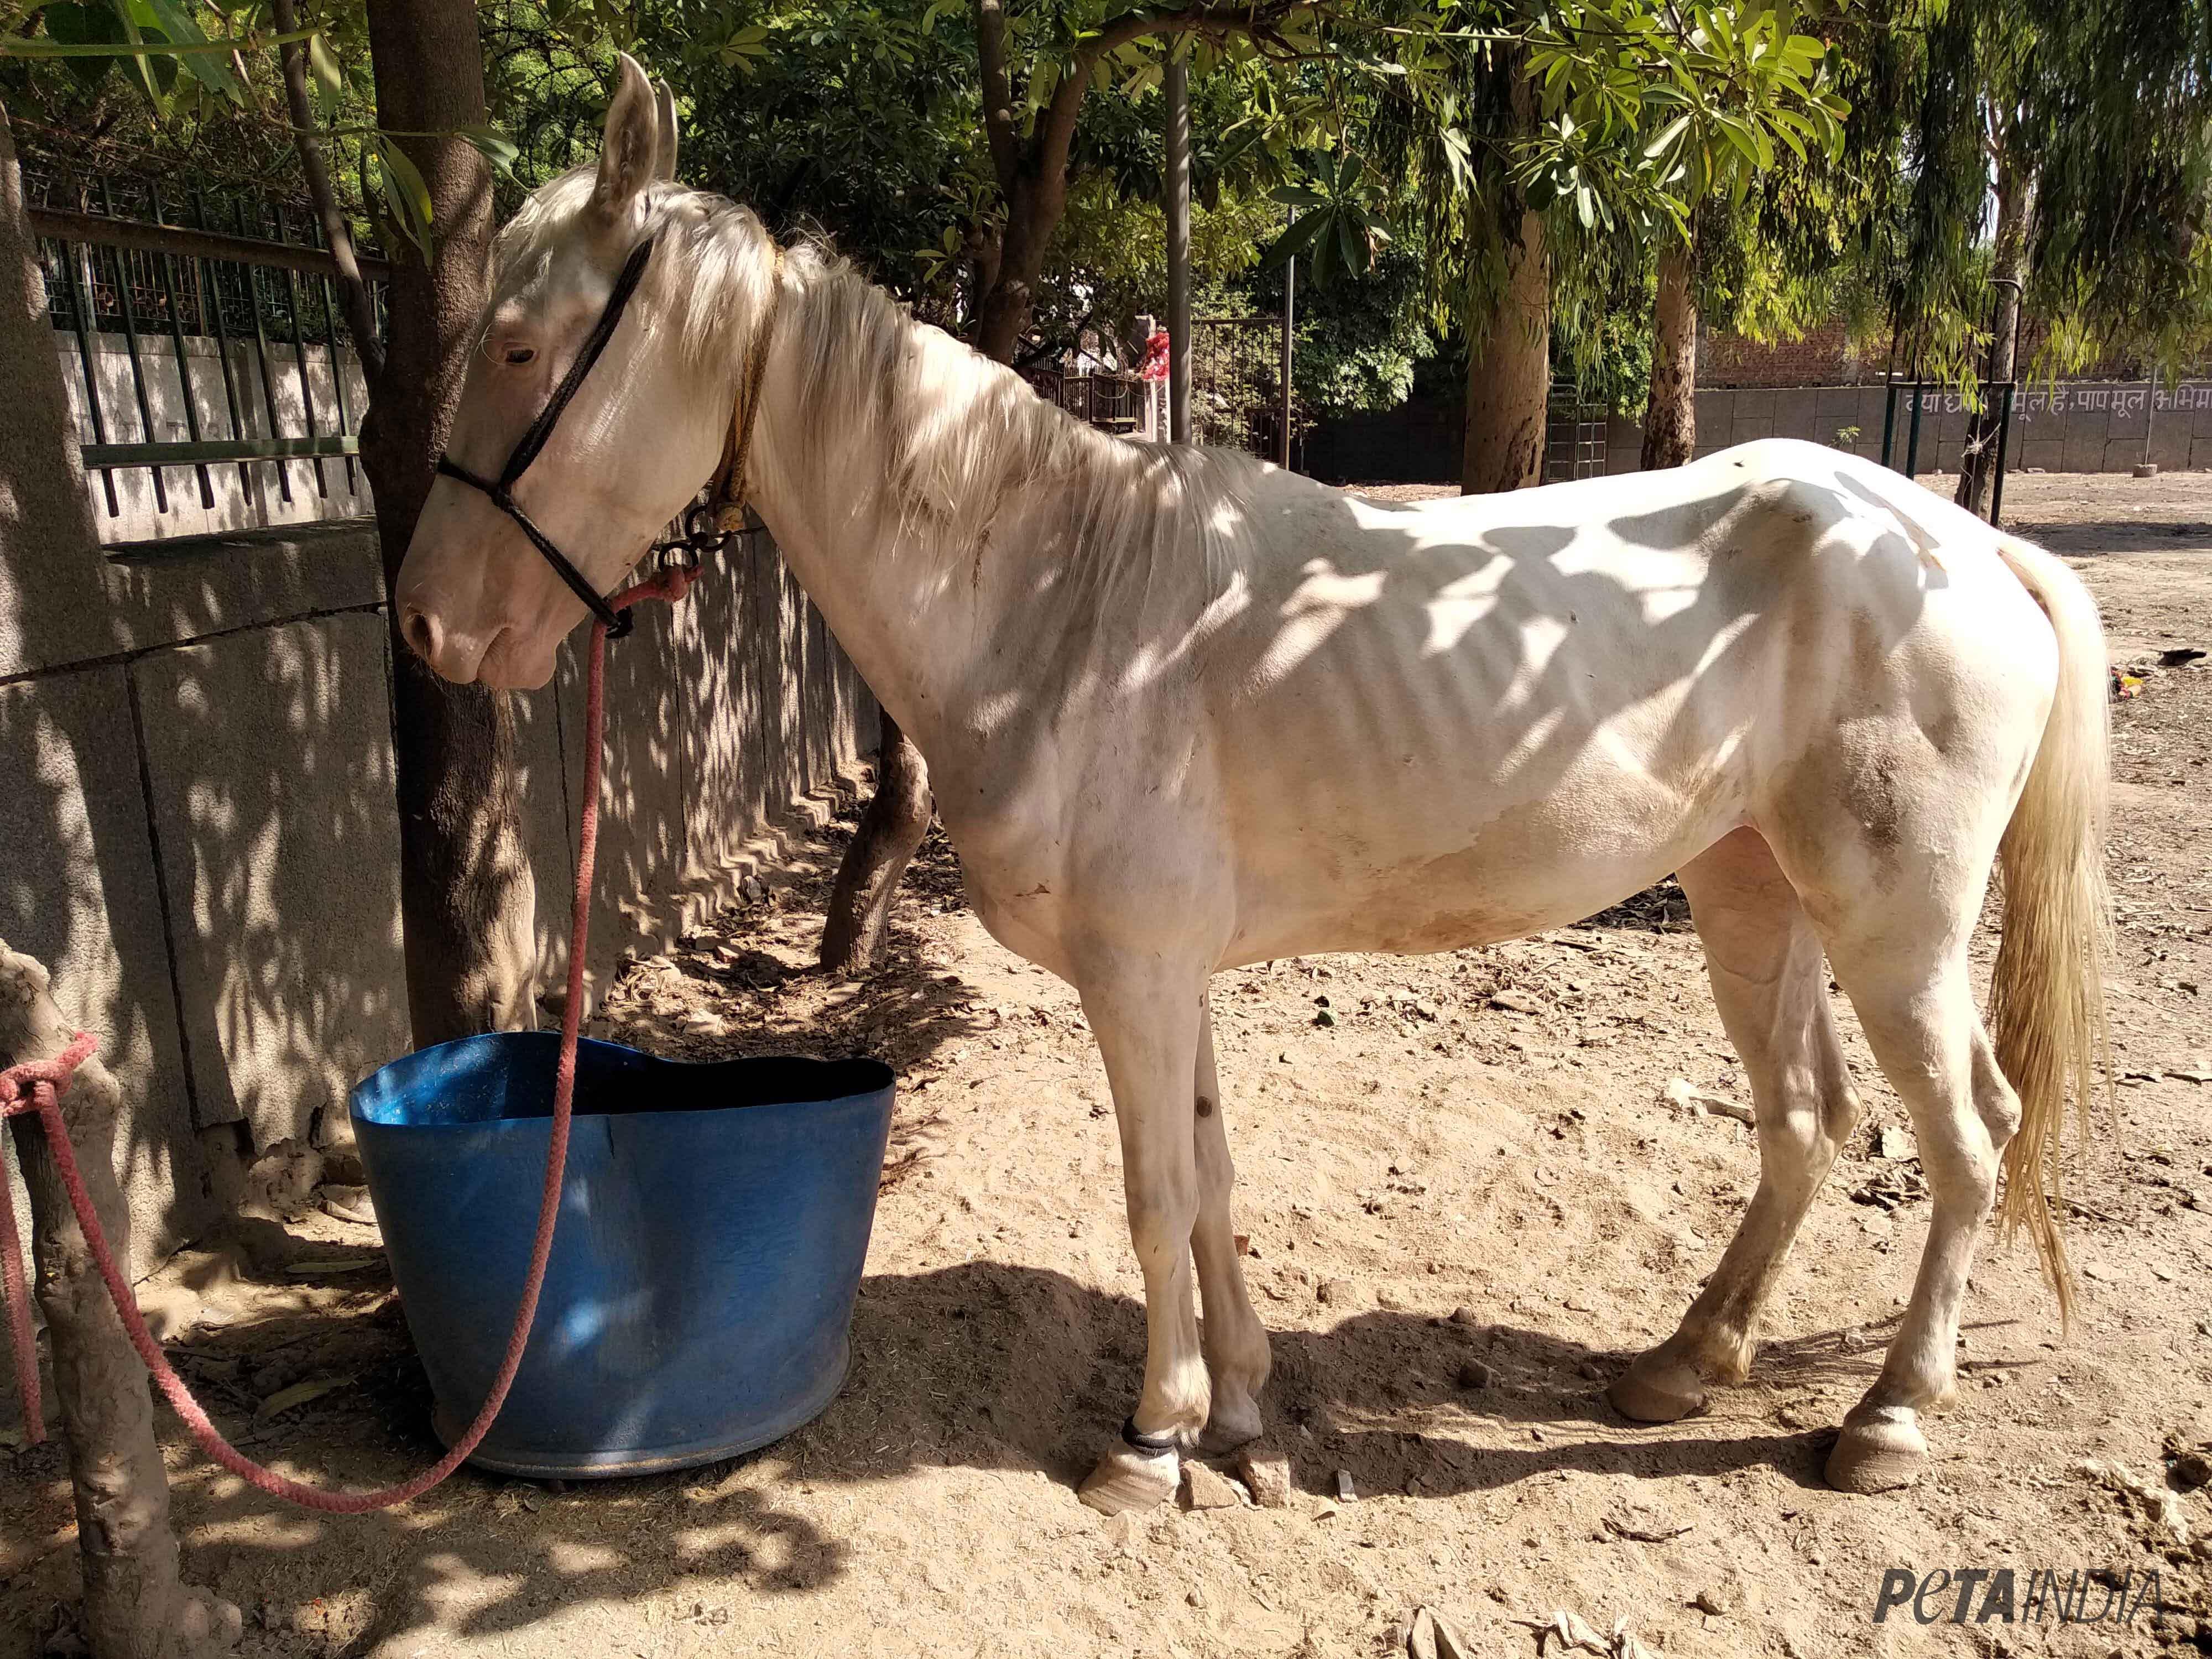 Horse Glanders Disease